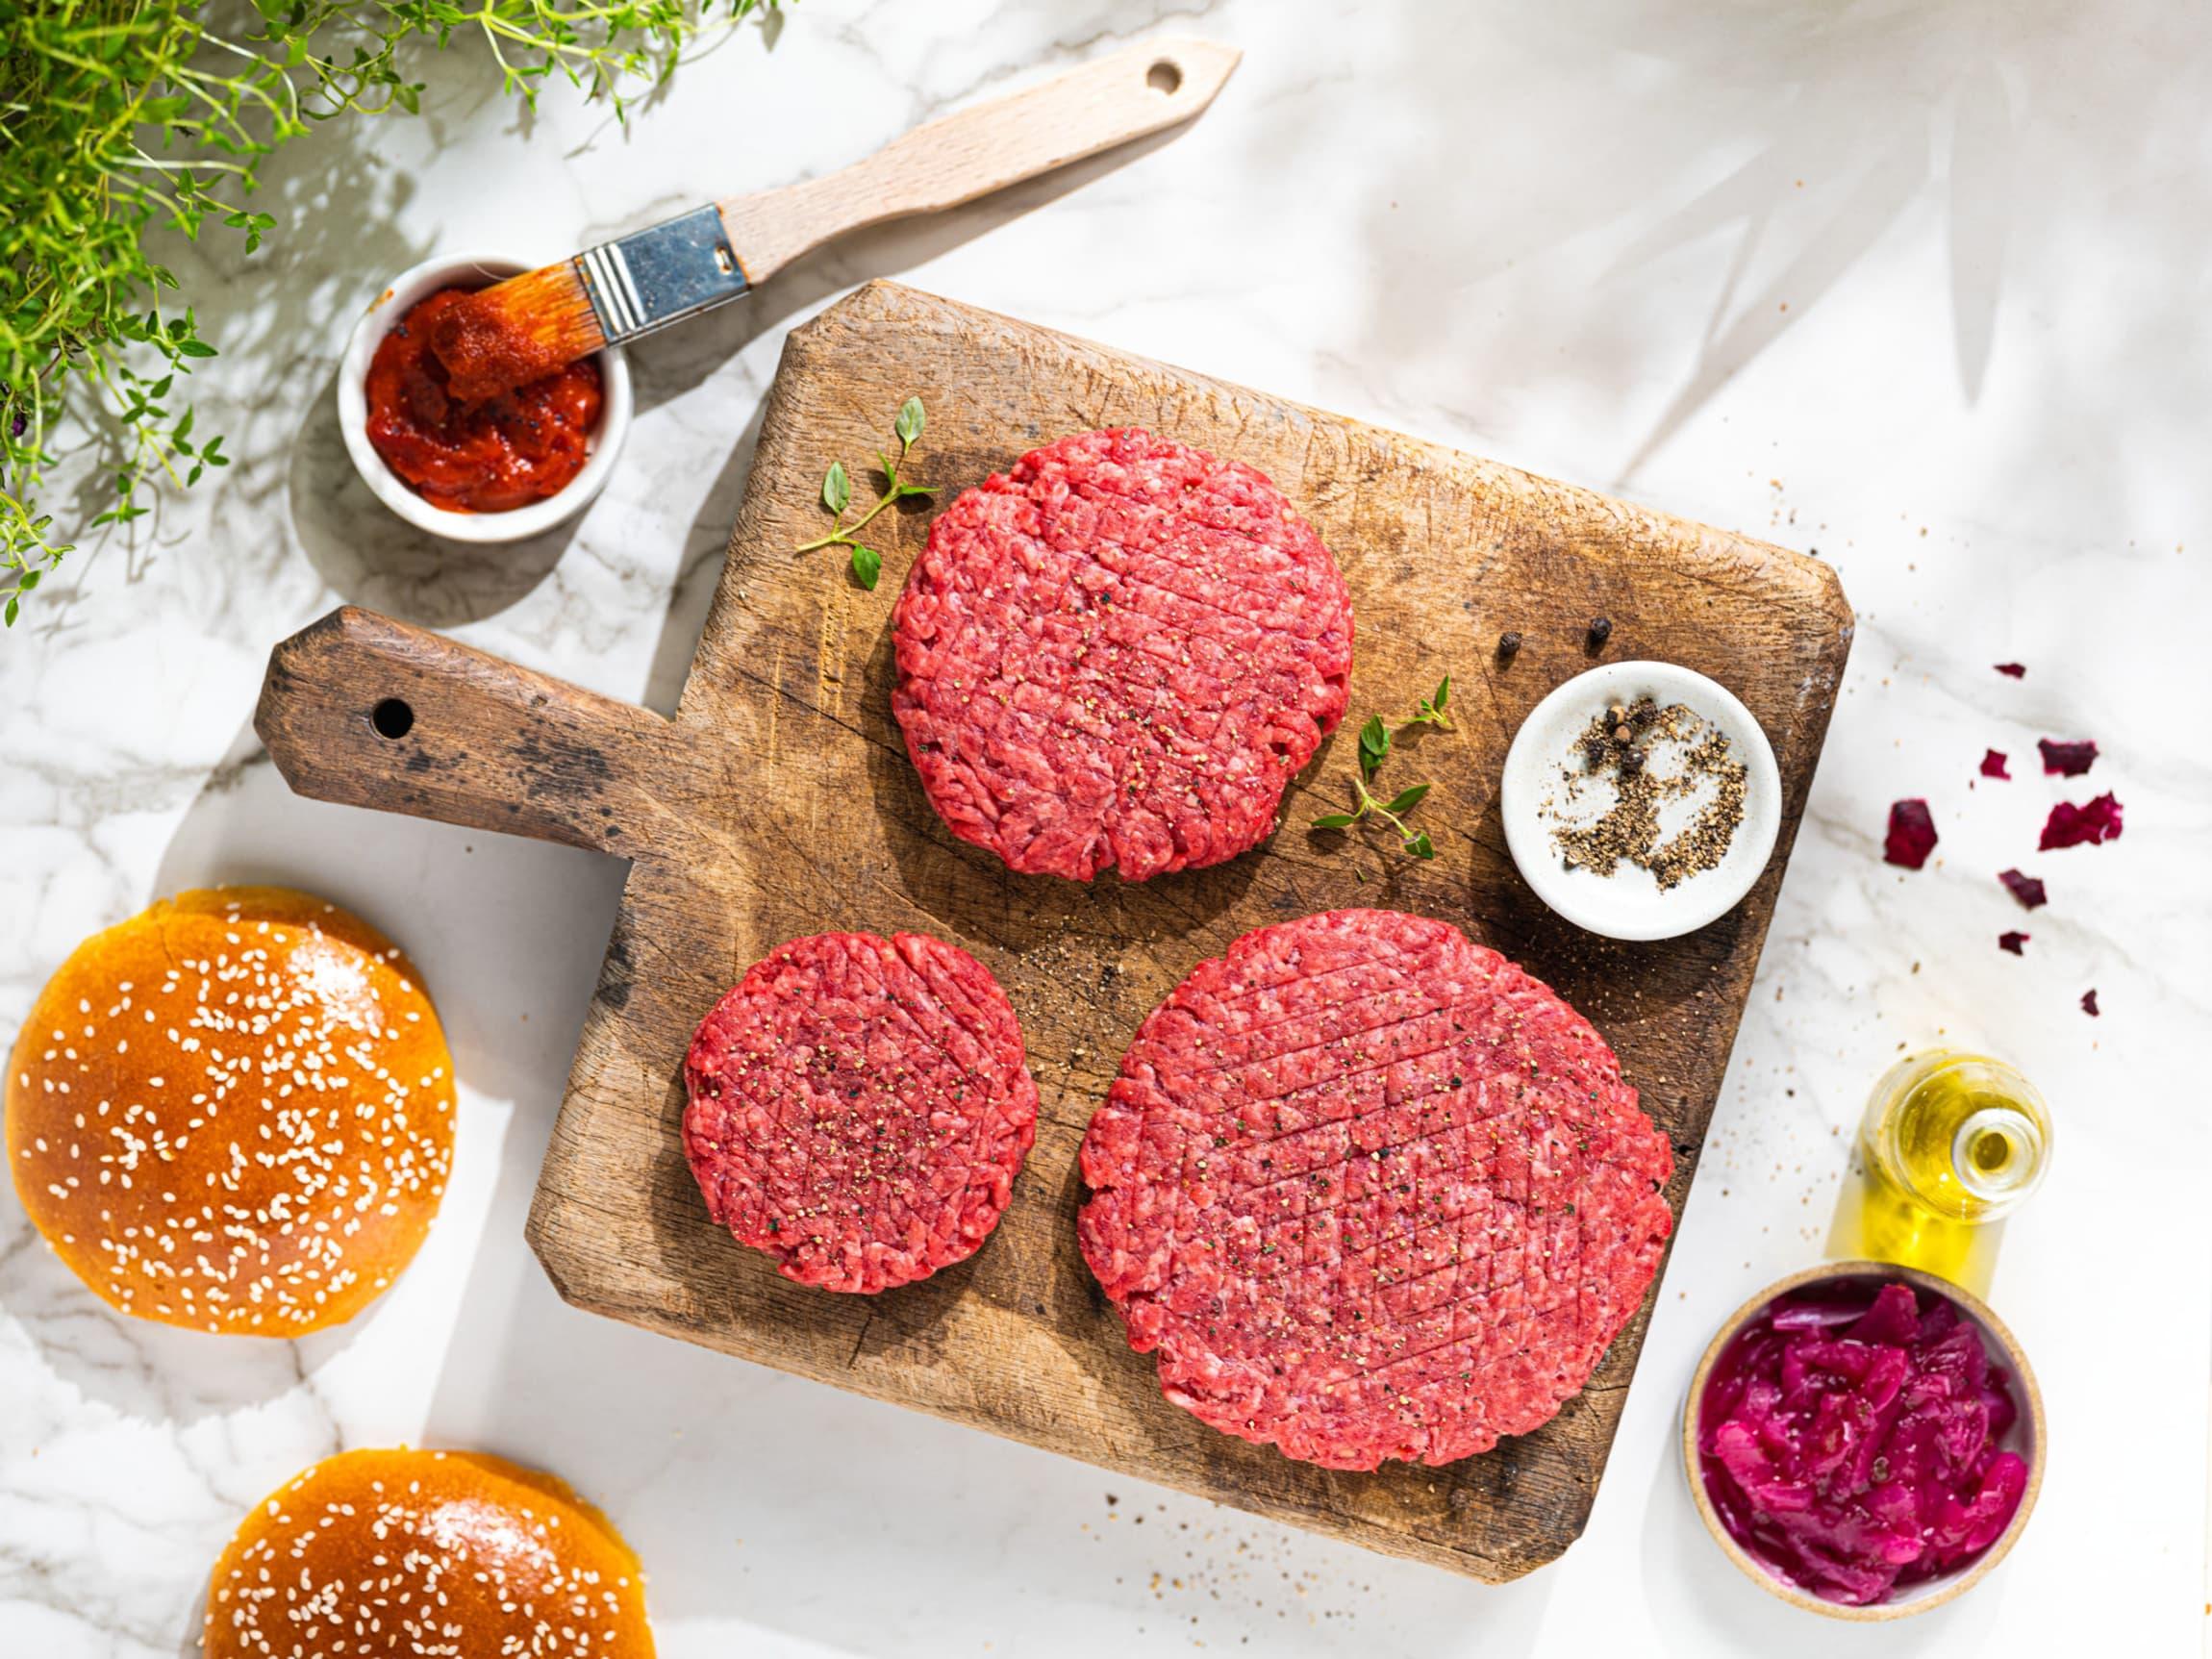 Vår beste angusburger får du i 3 størrelser: 70g, 130g og 180g